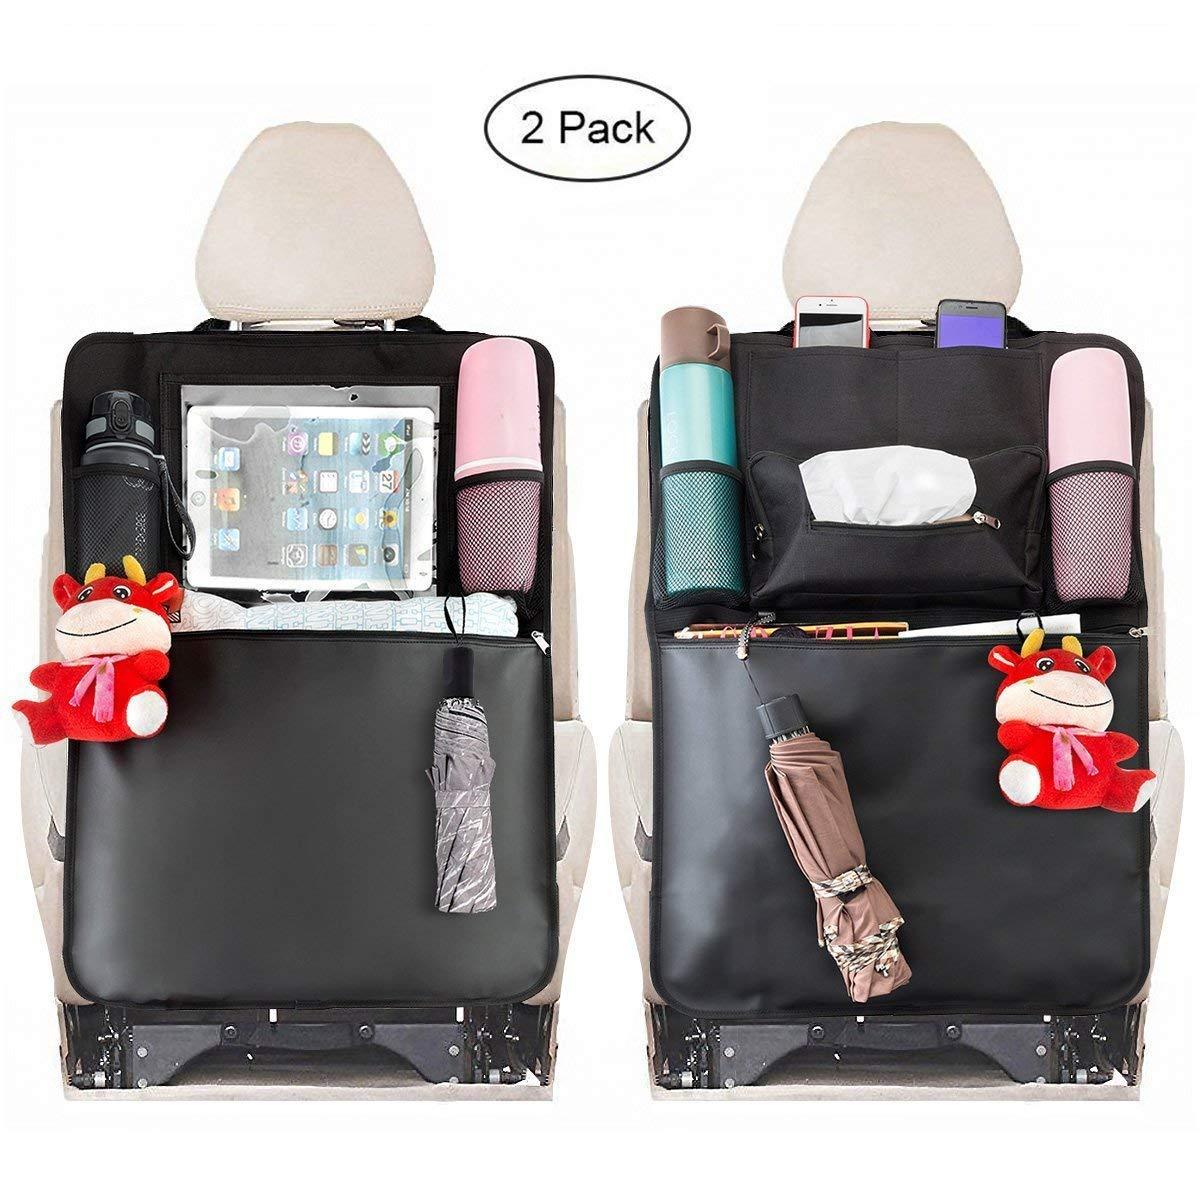 MATCC Protezione Sedile Auto Bambini Sedile Posteriore Impermeabile Auto Organizzatori con Multi-tasca e Pocket iPad 10.6'' Trasparente Accessorio per Viaggio per Auto, SUV, Camion (nero) MATCCwoitxol213